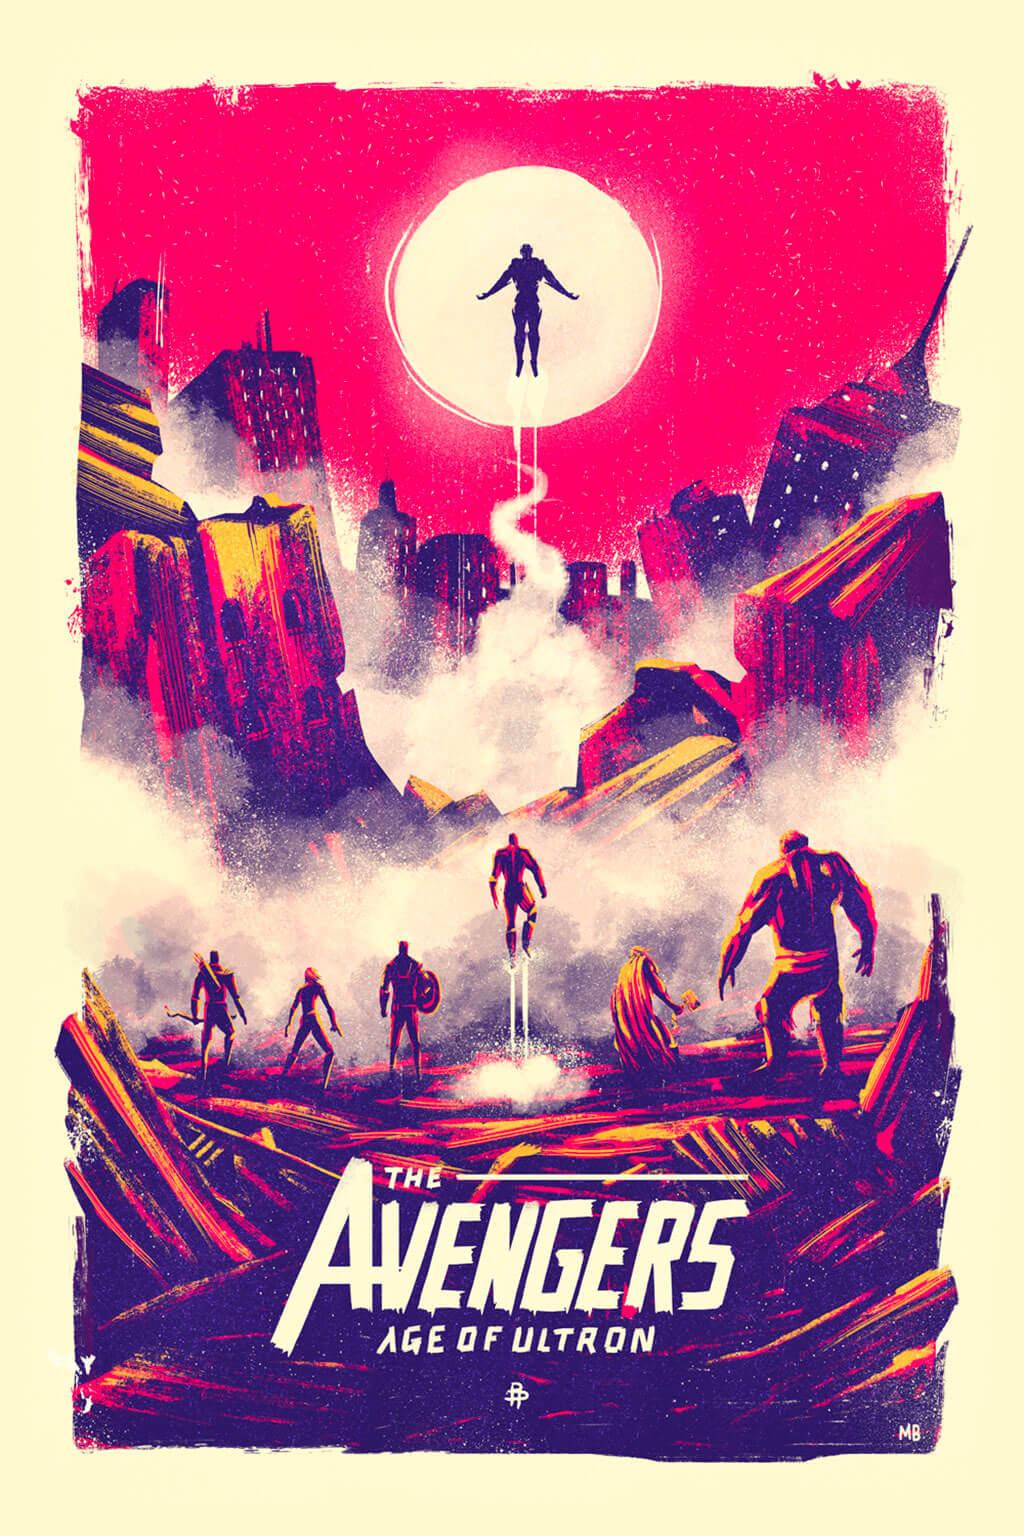 Avengers Fan Art by Marie Bergeron